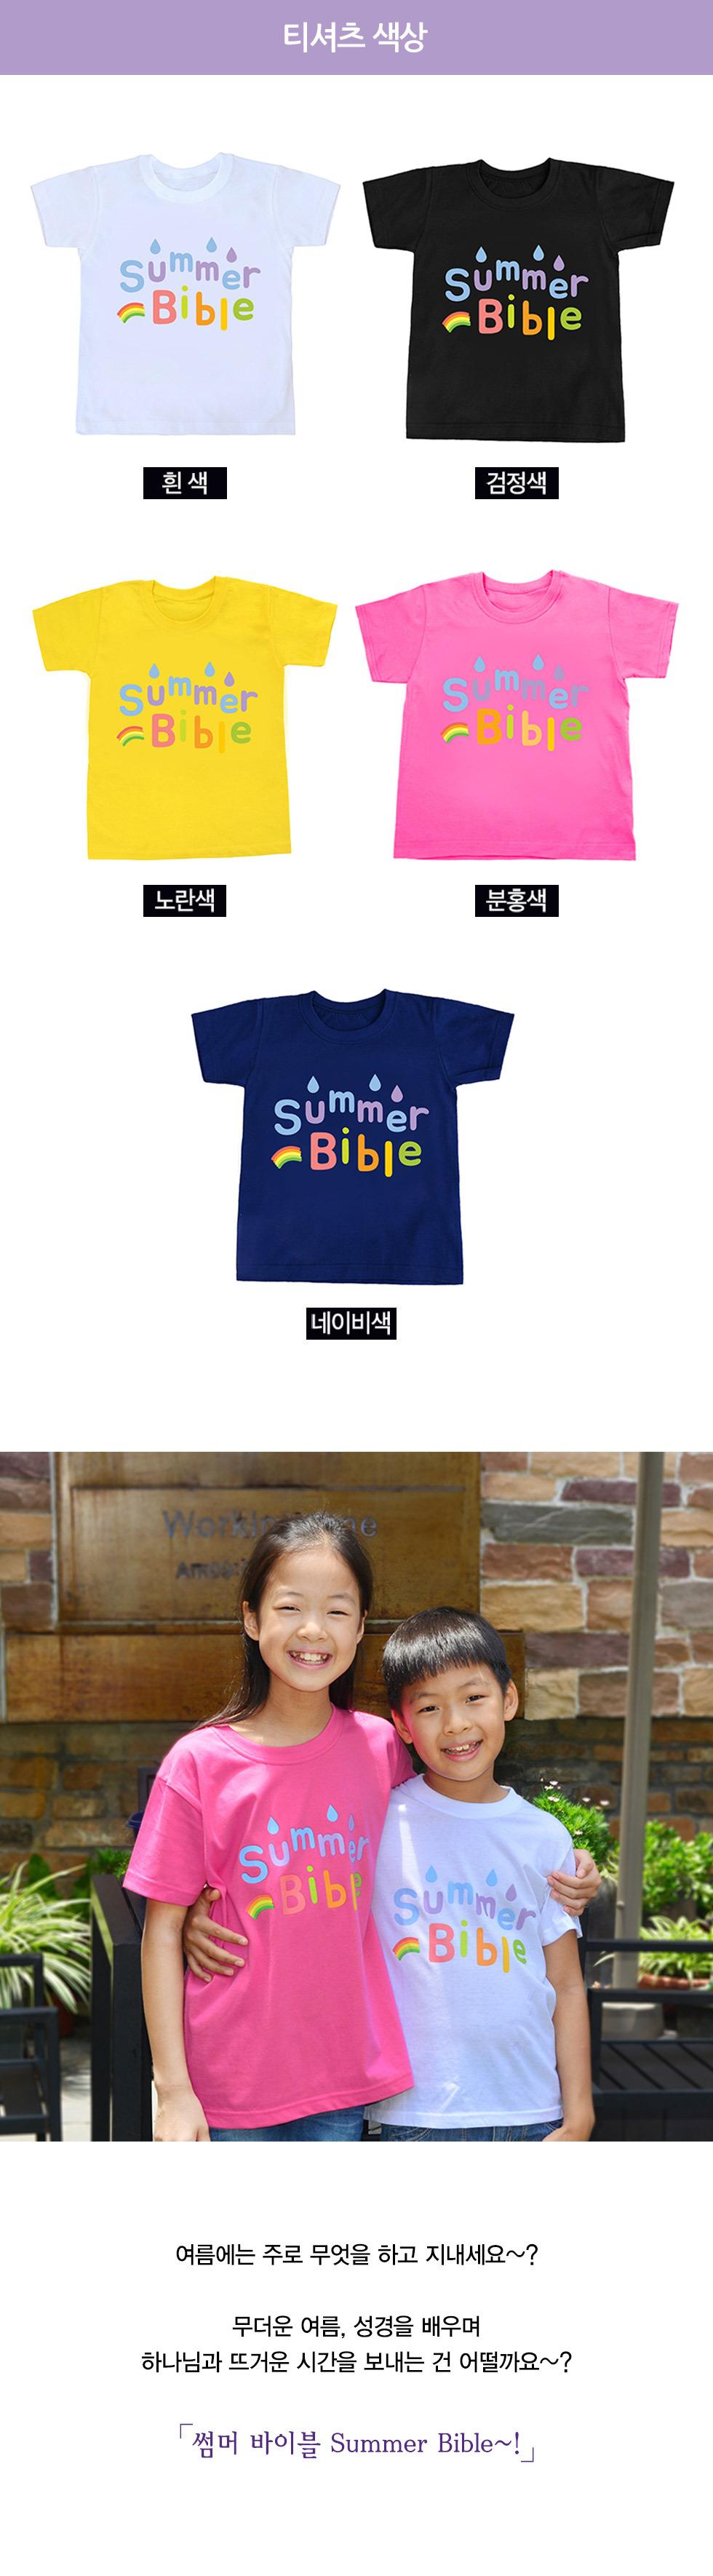 교회단체티 Summe bible 썸머 아동용 옵션별 가격